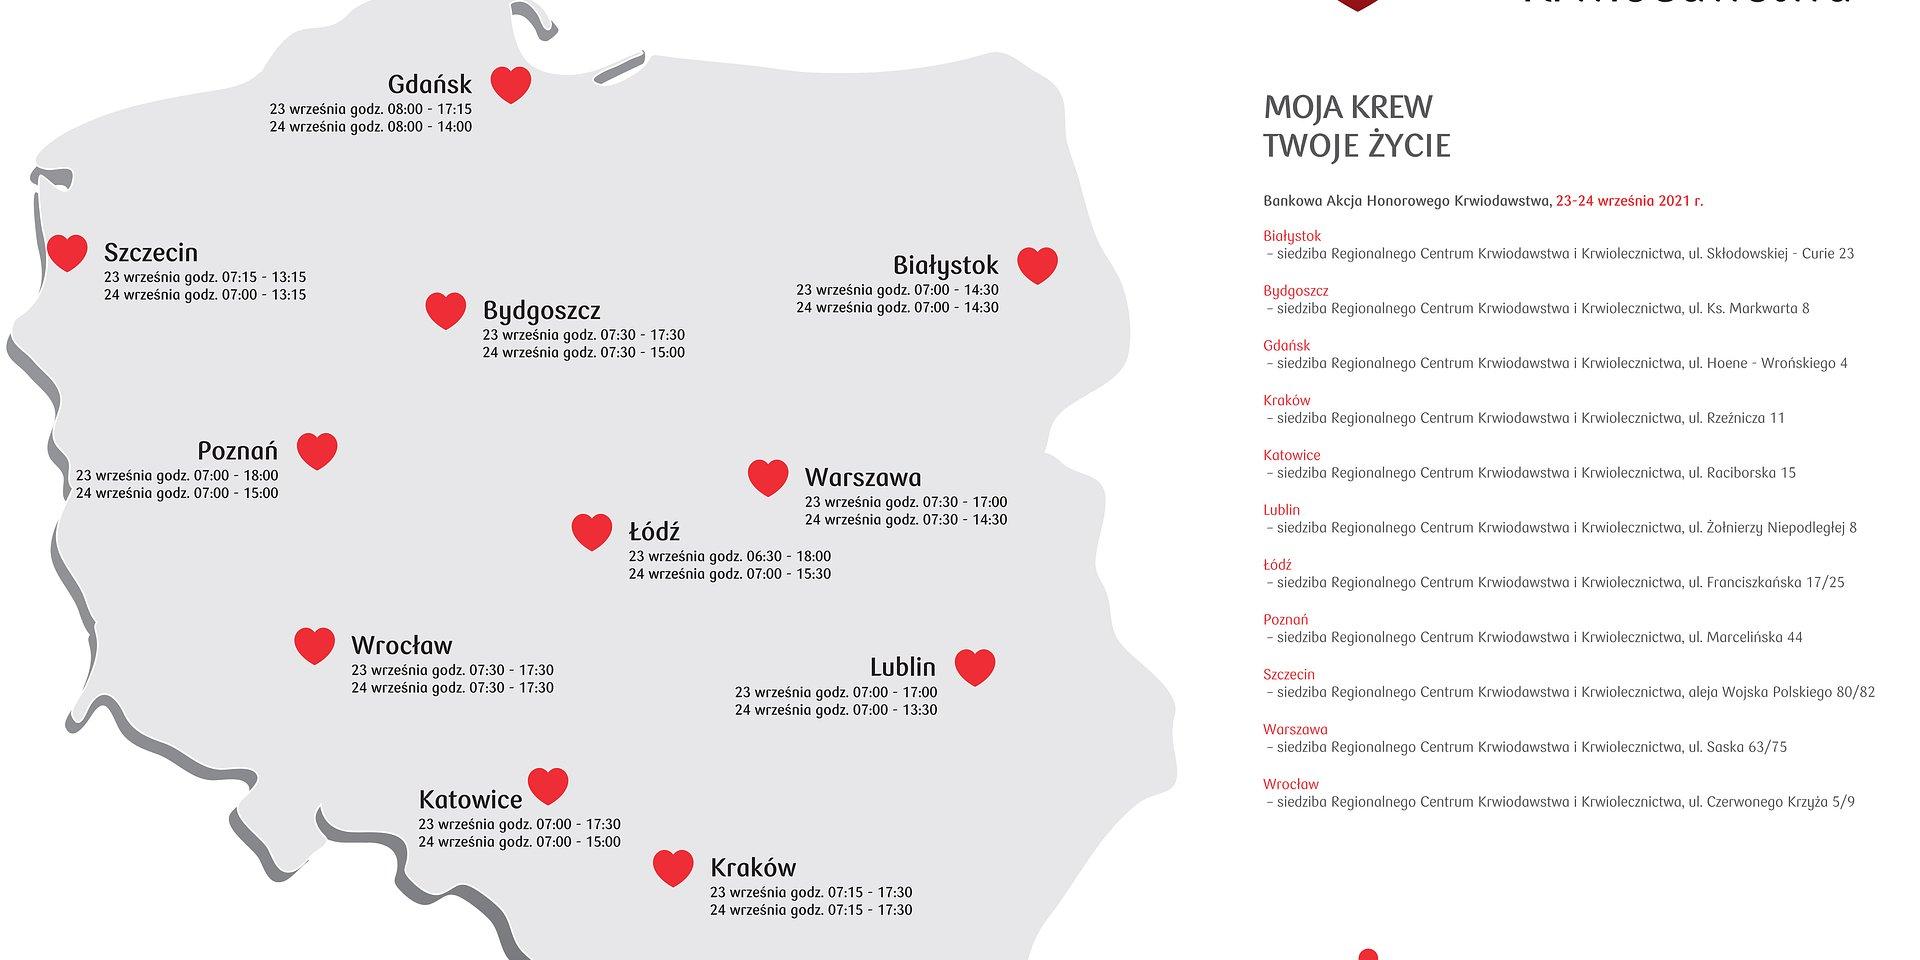 Jesienna Bankowa Akcja Honorowego Krwiodawstwa w Lublinie – 23 i 24 września.